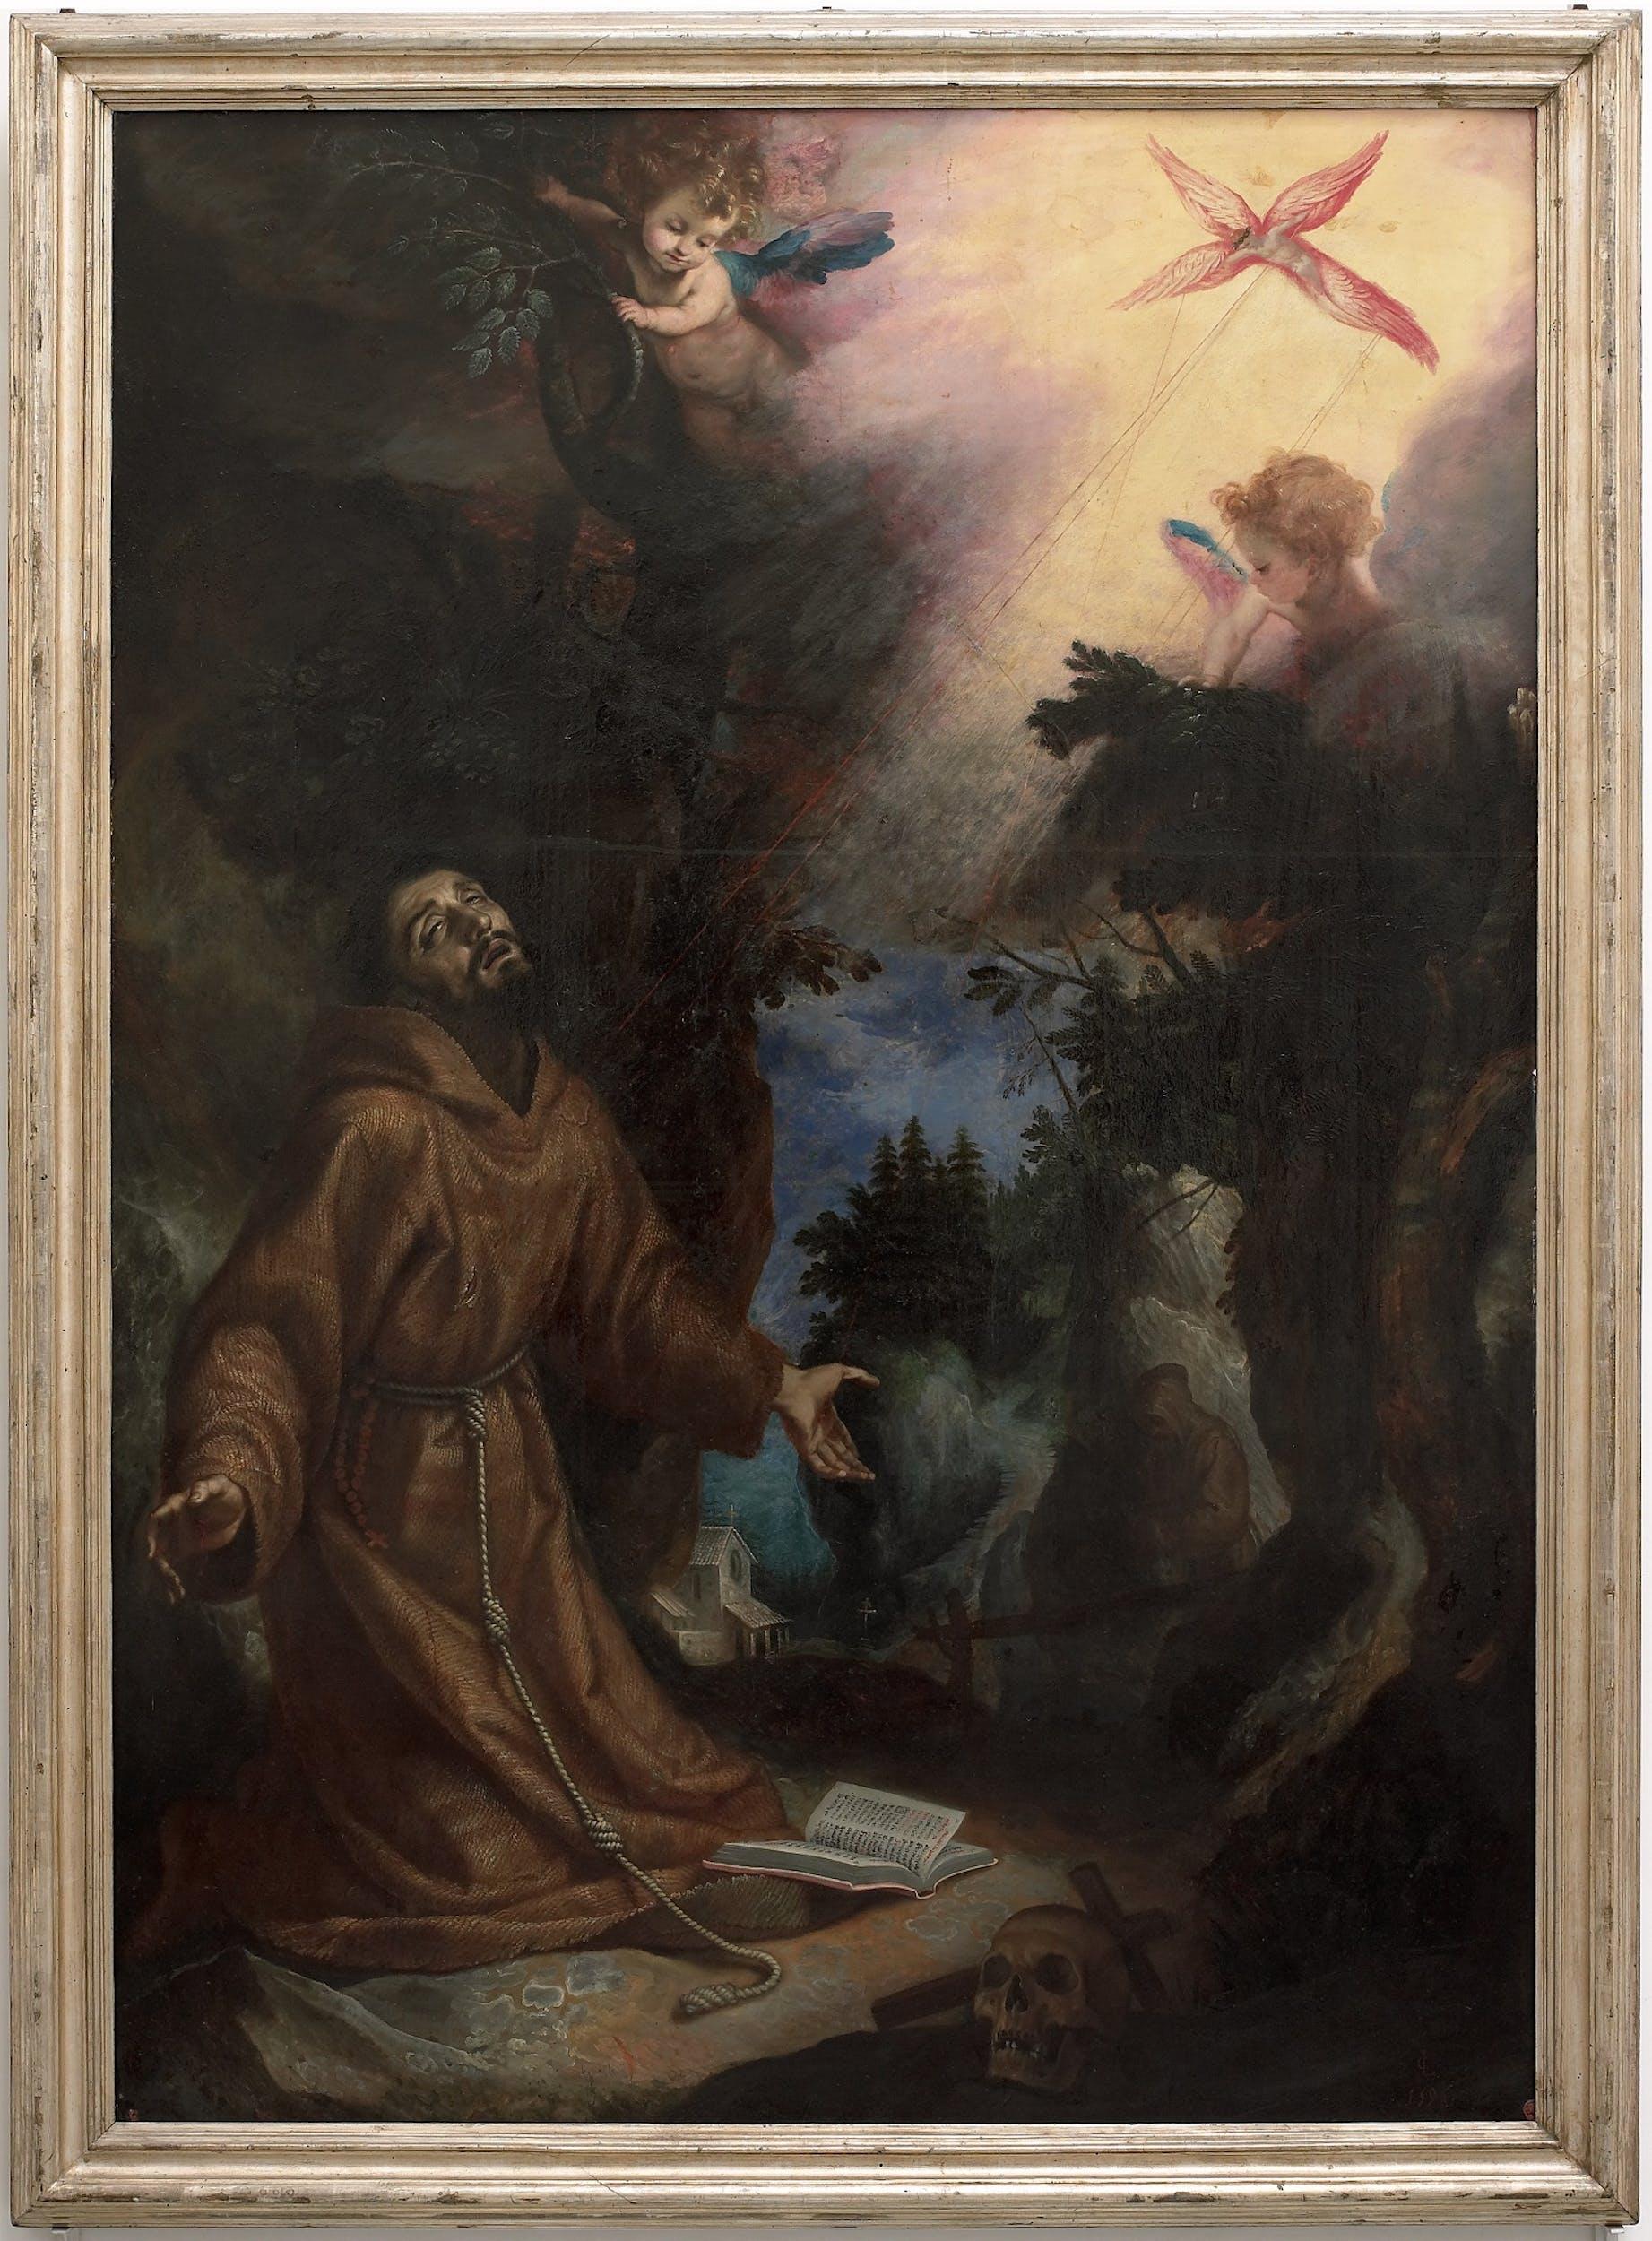 L. Cigoli San Francesco riceve le stimmate (1596)